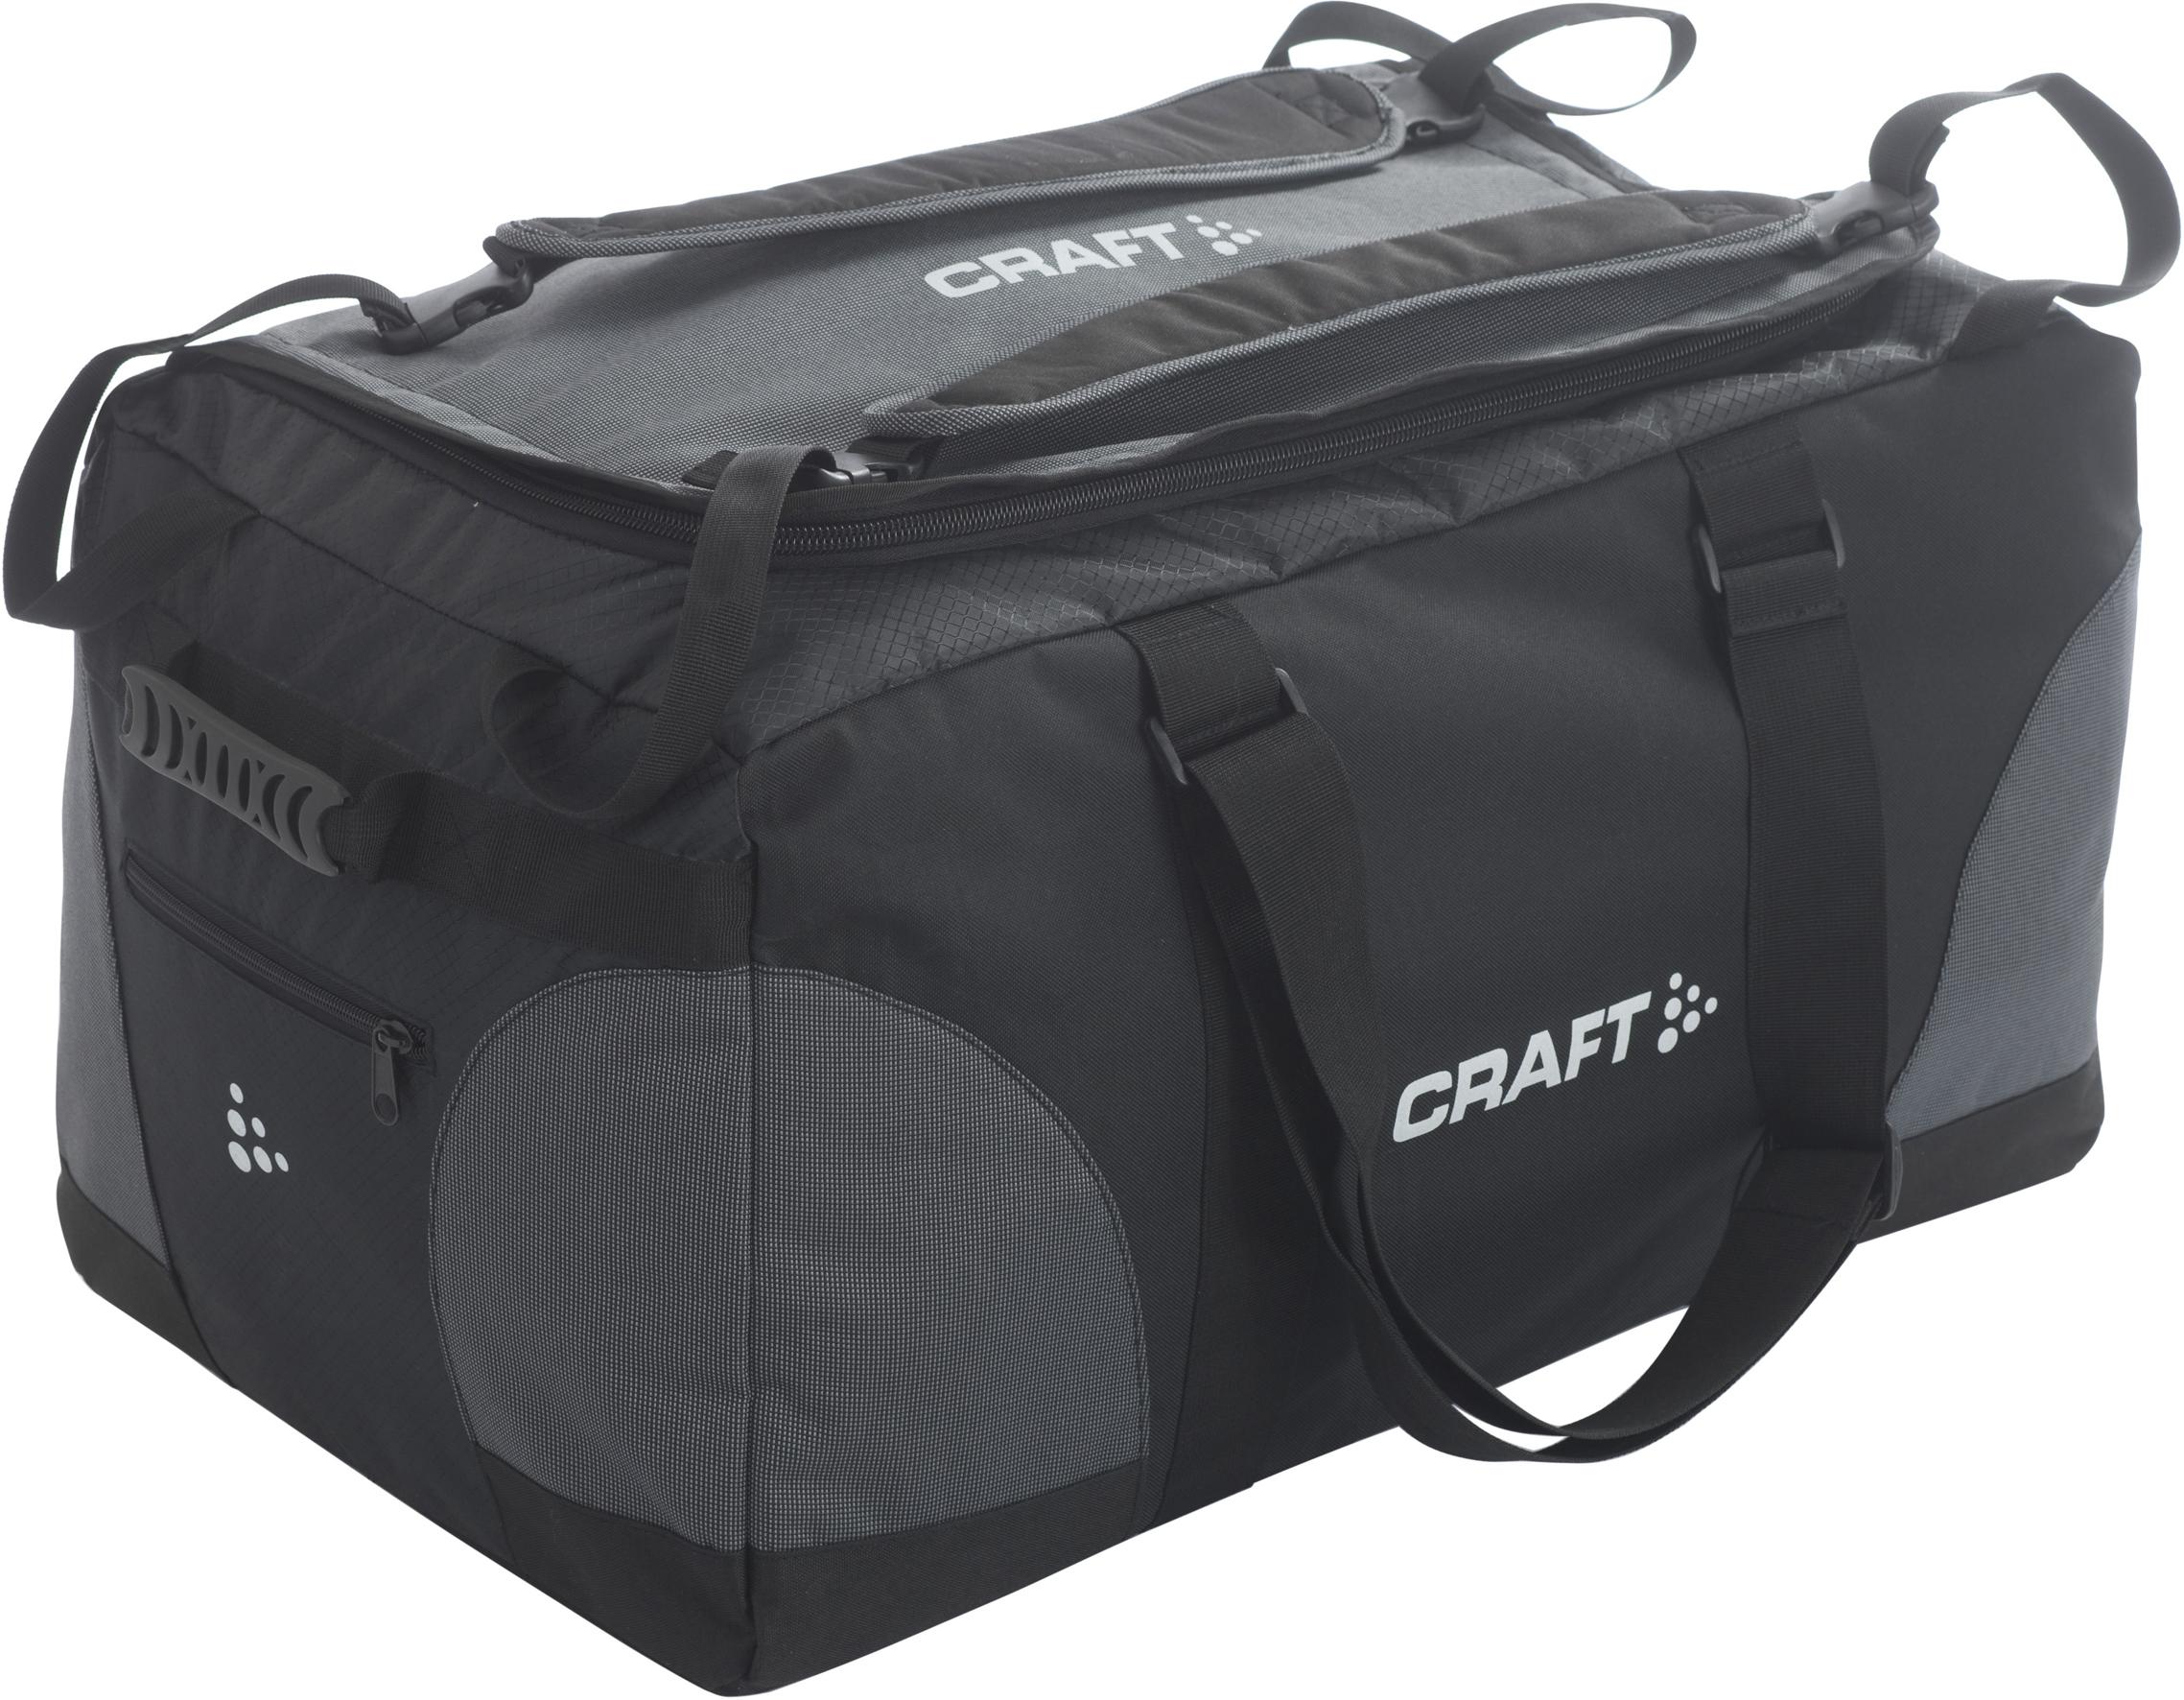 Дорожная сумка Craft PRO для путешествий, длительных командировок...